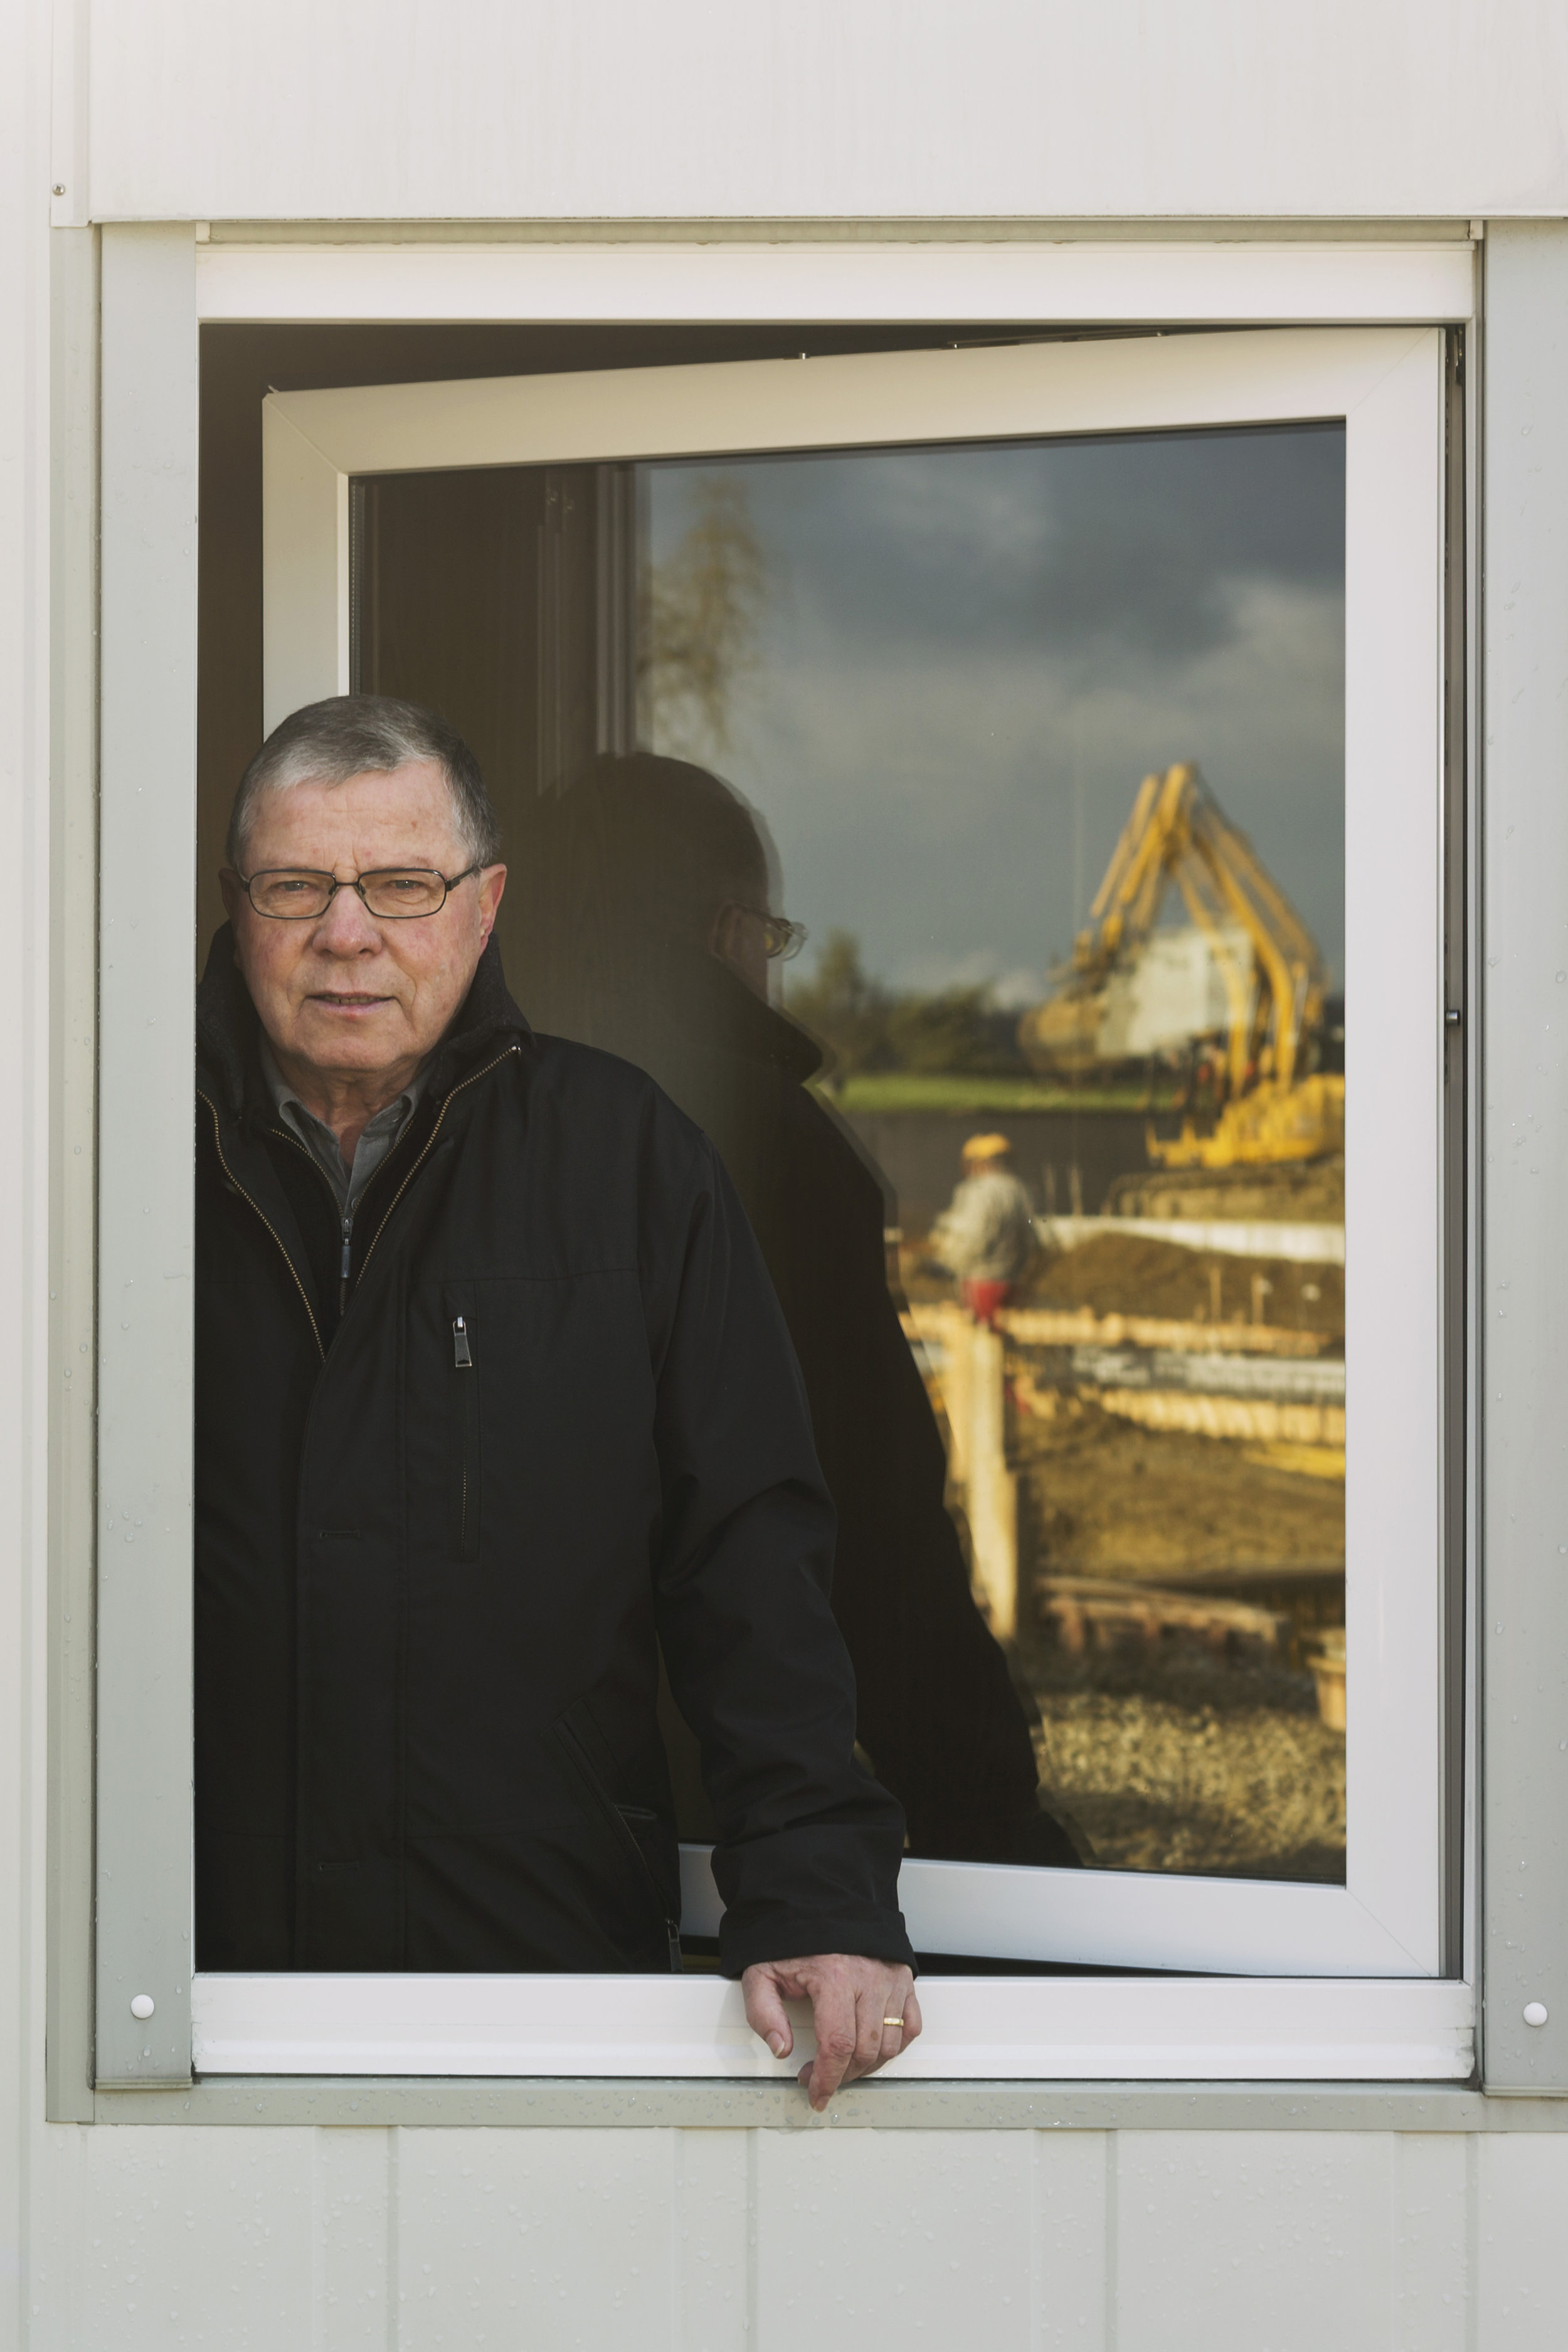 Werner Messmer / NZZ am Sonntag